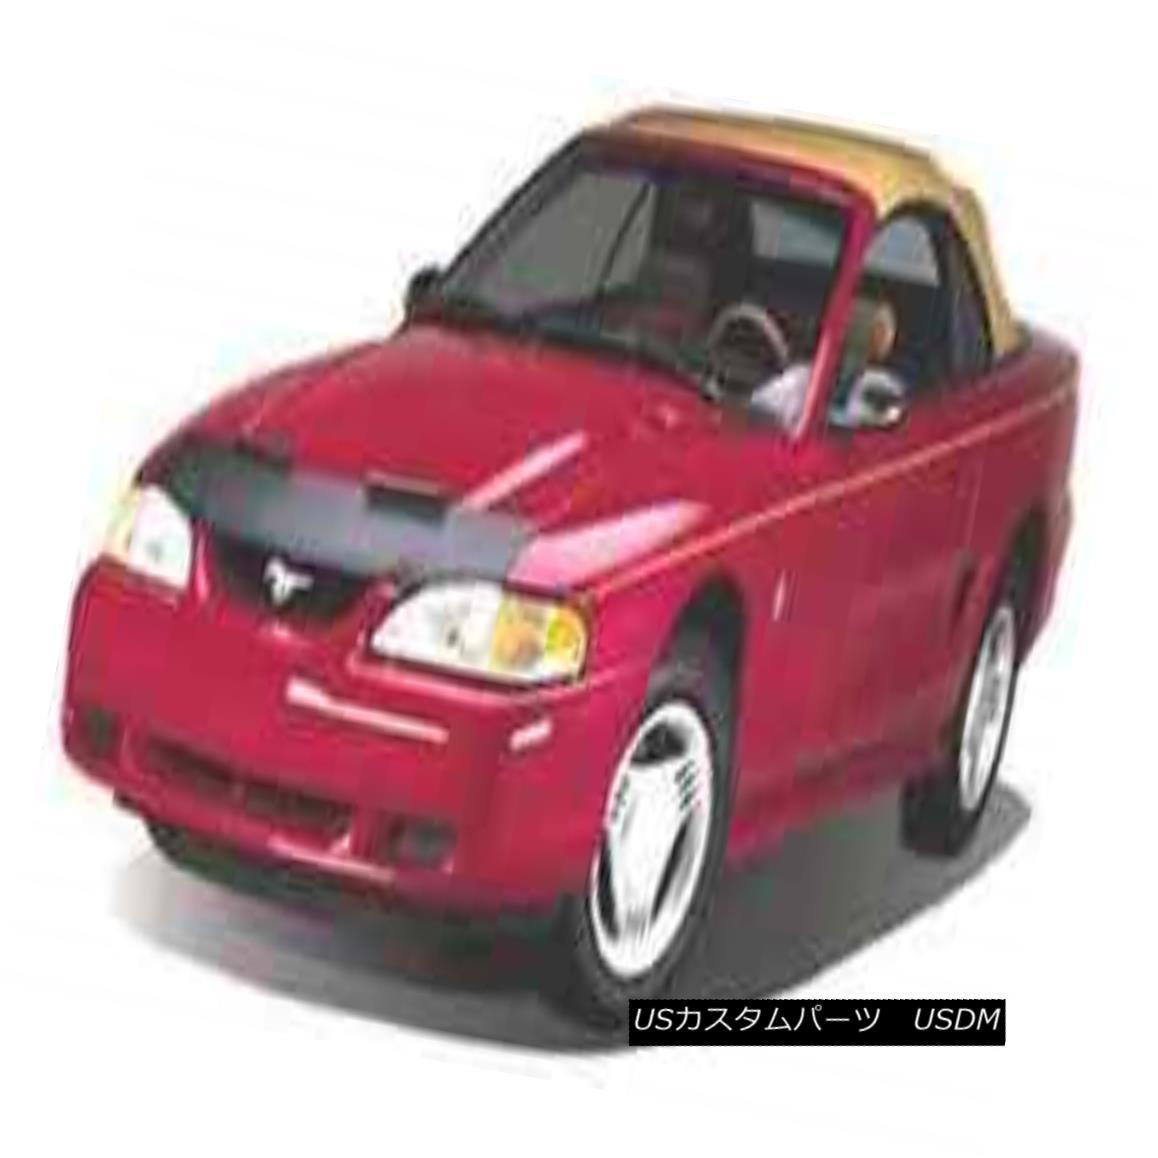 フルブラ ノーズブラ Front End Mask Car Bra Fits 2005 2006 2007 BUICK LACROSSE 05-07 フロントエンドマスクカーブラフィット2005年2007年2007年BUICK LACROSSE 05-07